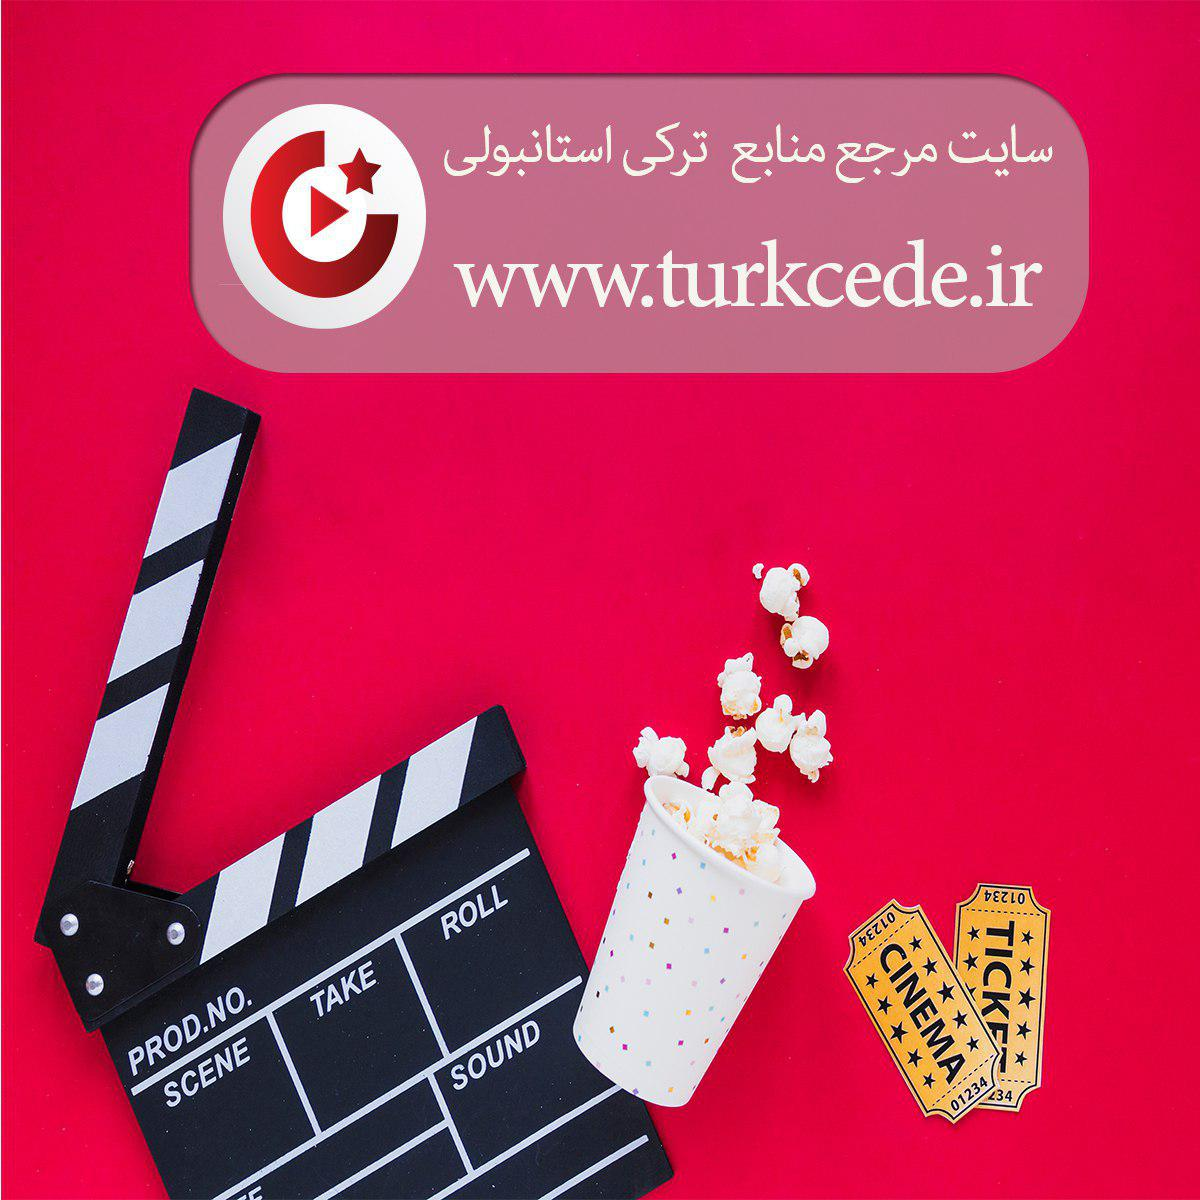 رزرو بلیط تئاتر در ترکی استانبولی